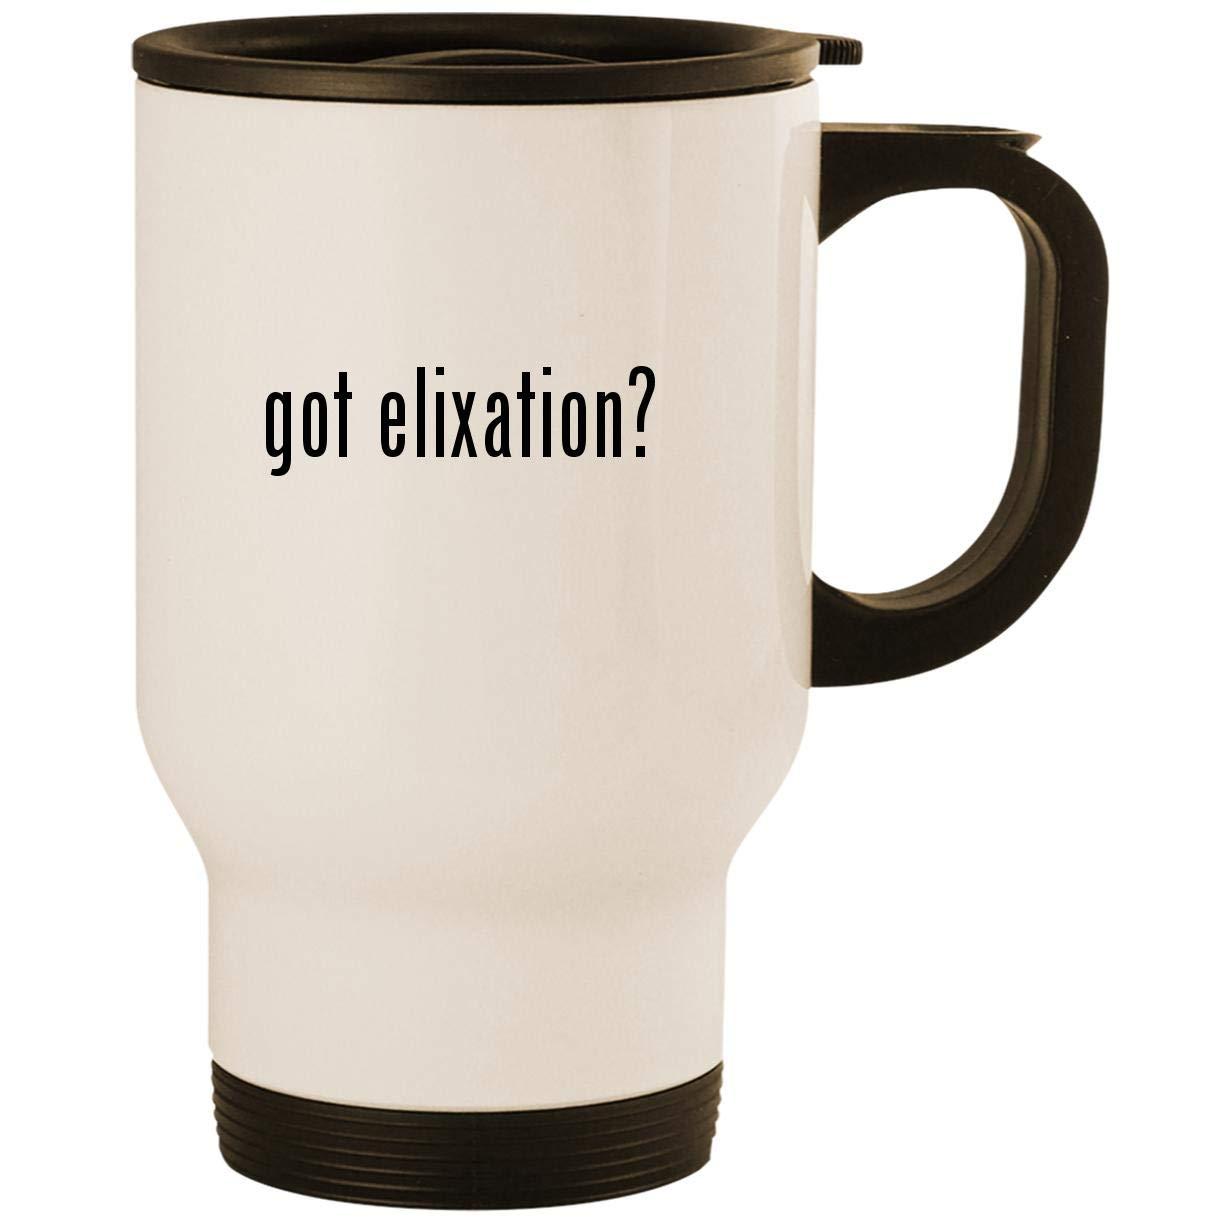 got elixation? - Stainless Steel 14oz Road Ready Travel Mug, White